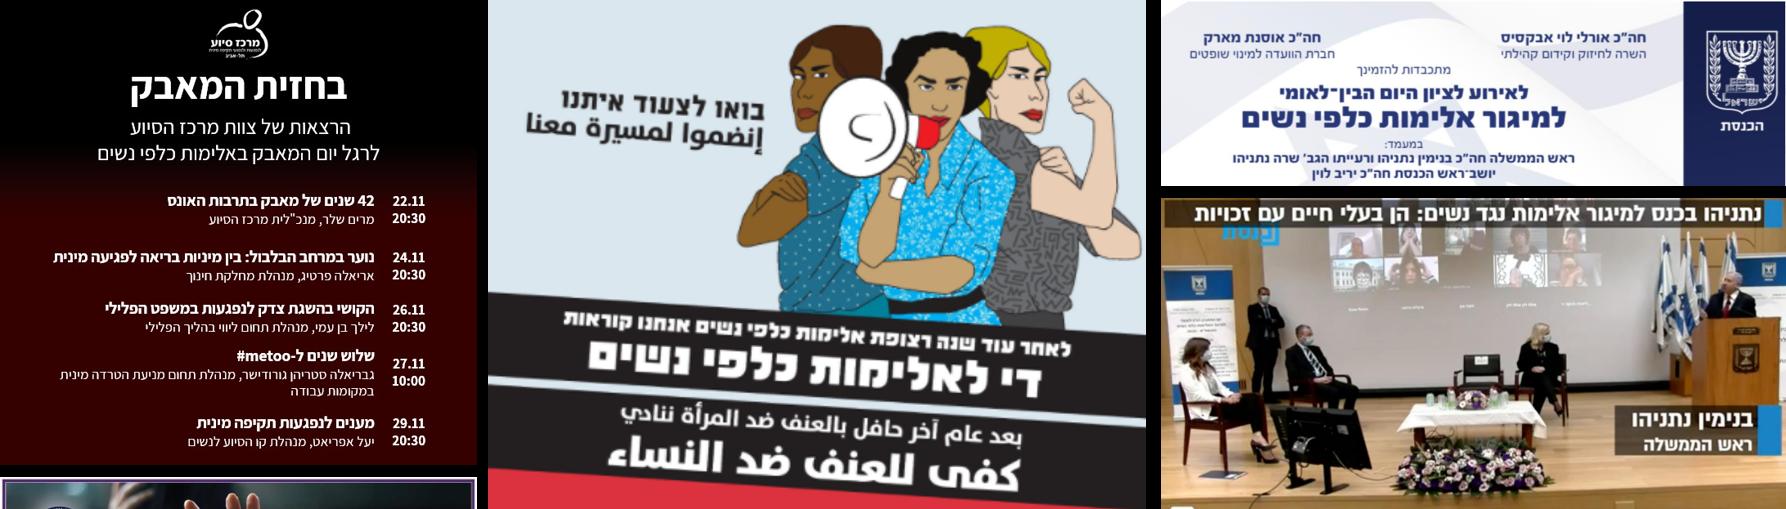 אלימות כלפי נשים: אירועי יום המאבק 2020